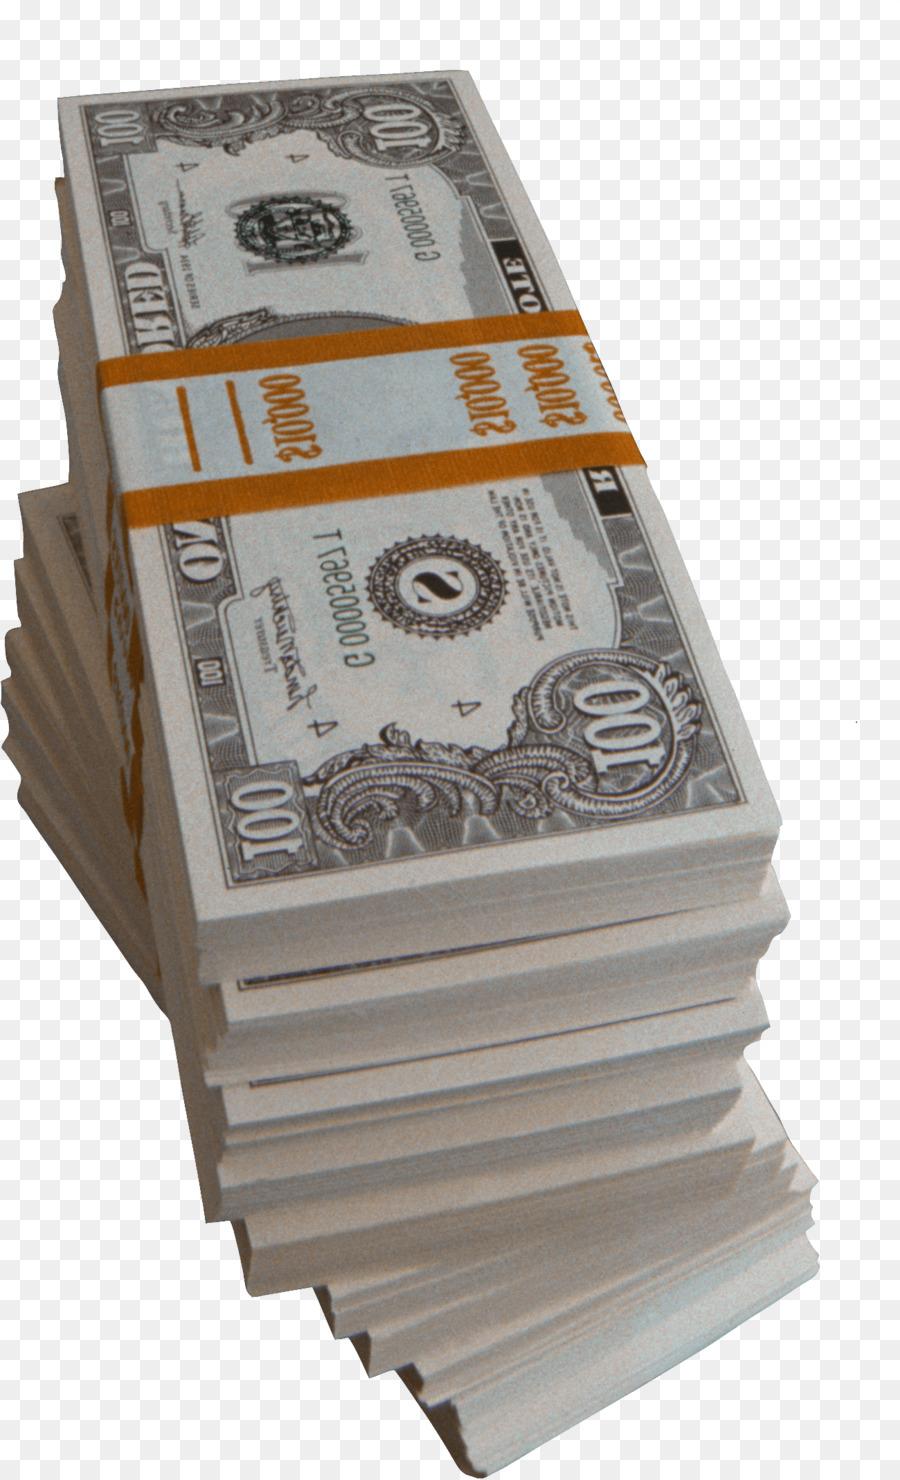 Descarga gratuita de Dinero, Efectivo, Moneda Imágen de Png